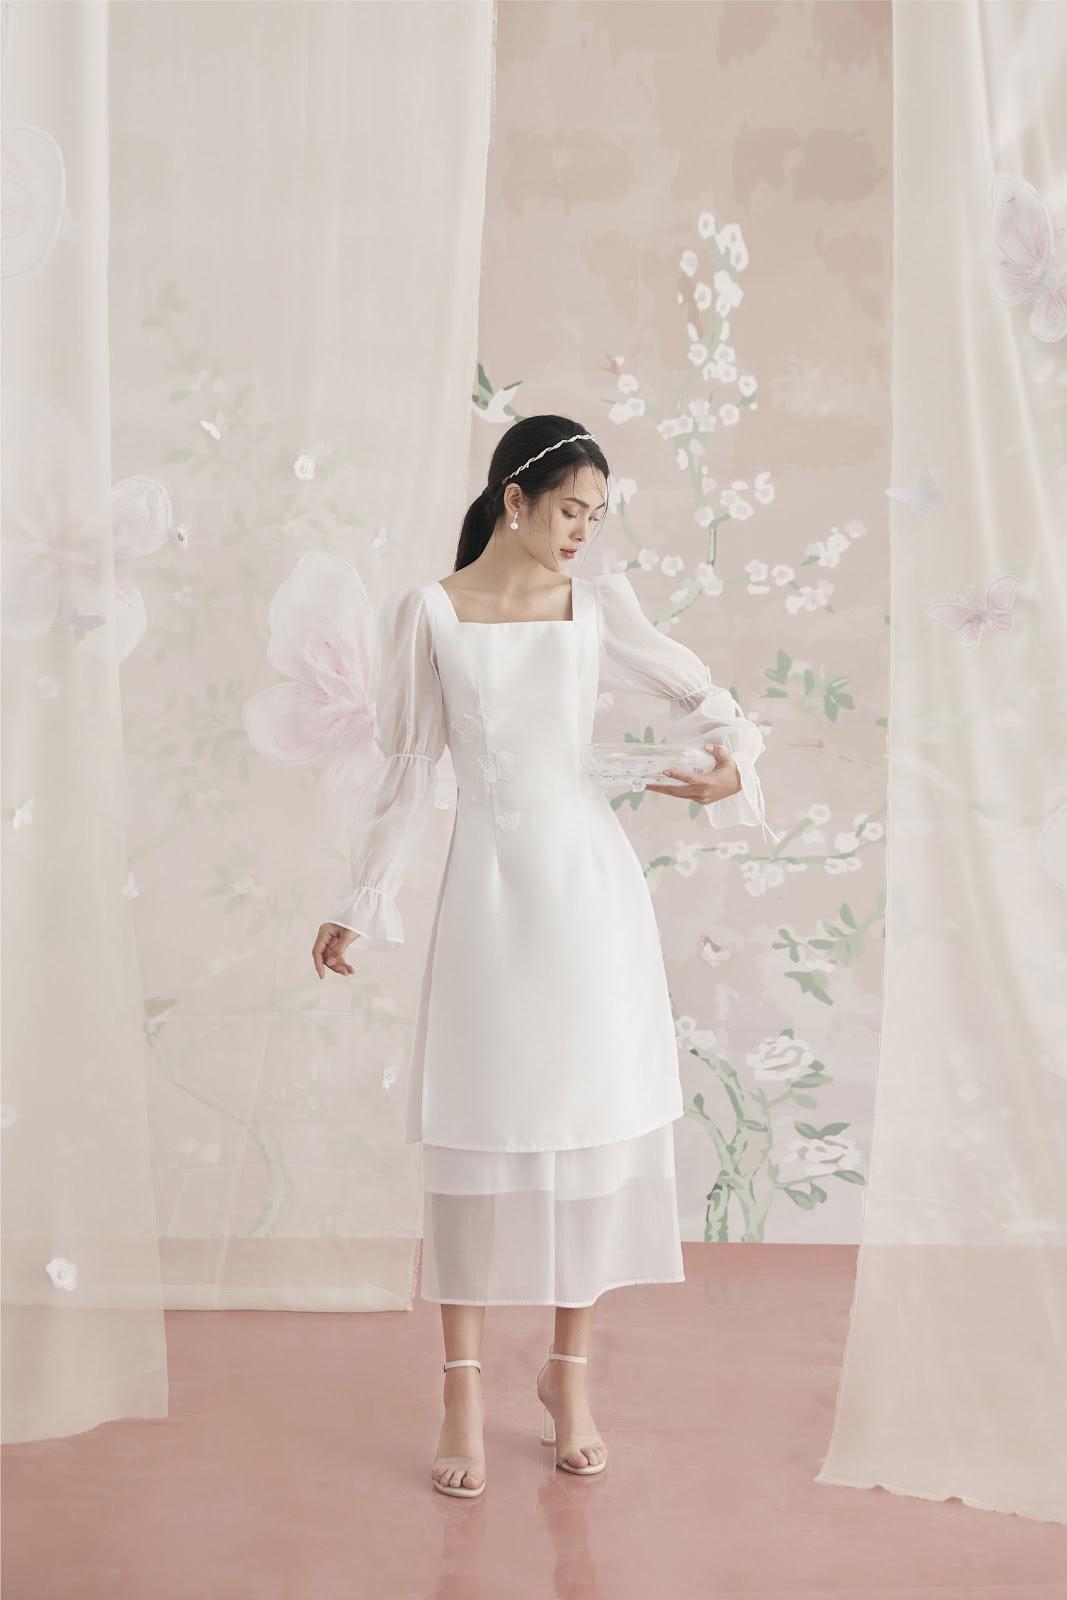 Diện đẹp đón Tết Canh Tý với mẫu áo dài họa tiết lạ mắt - Ảnh 3.